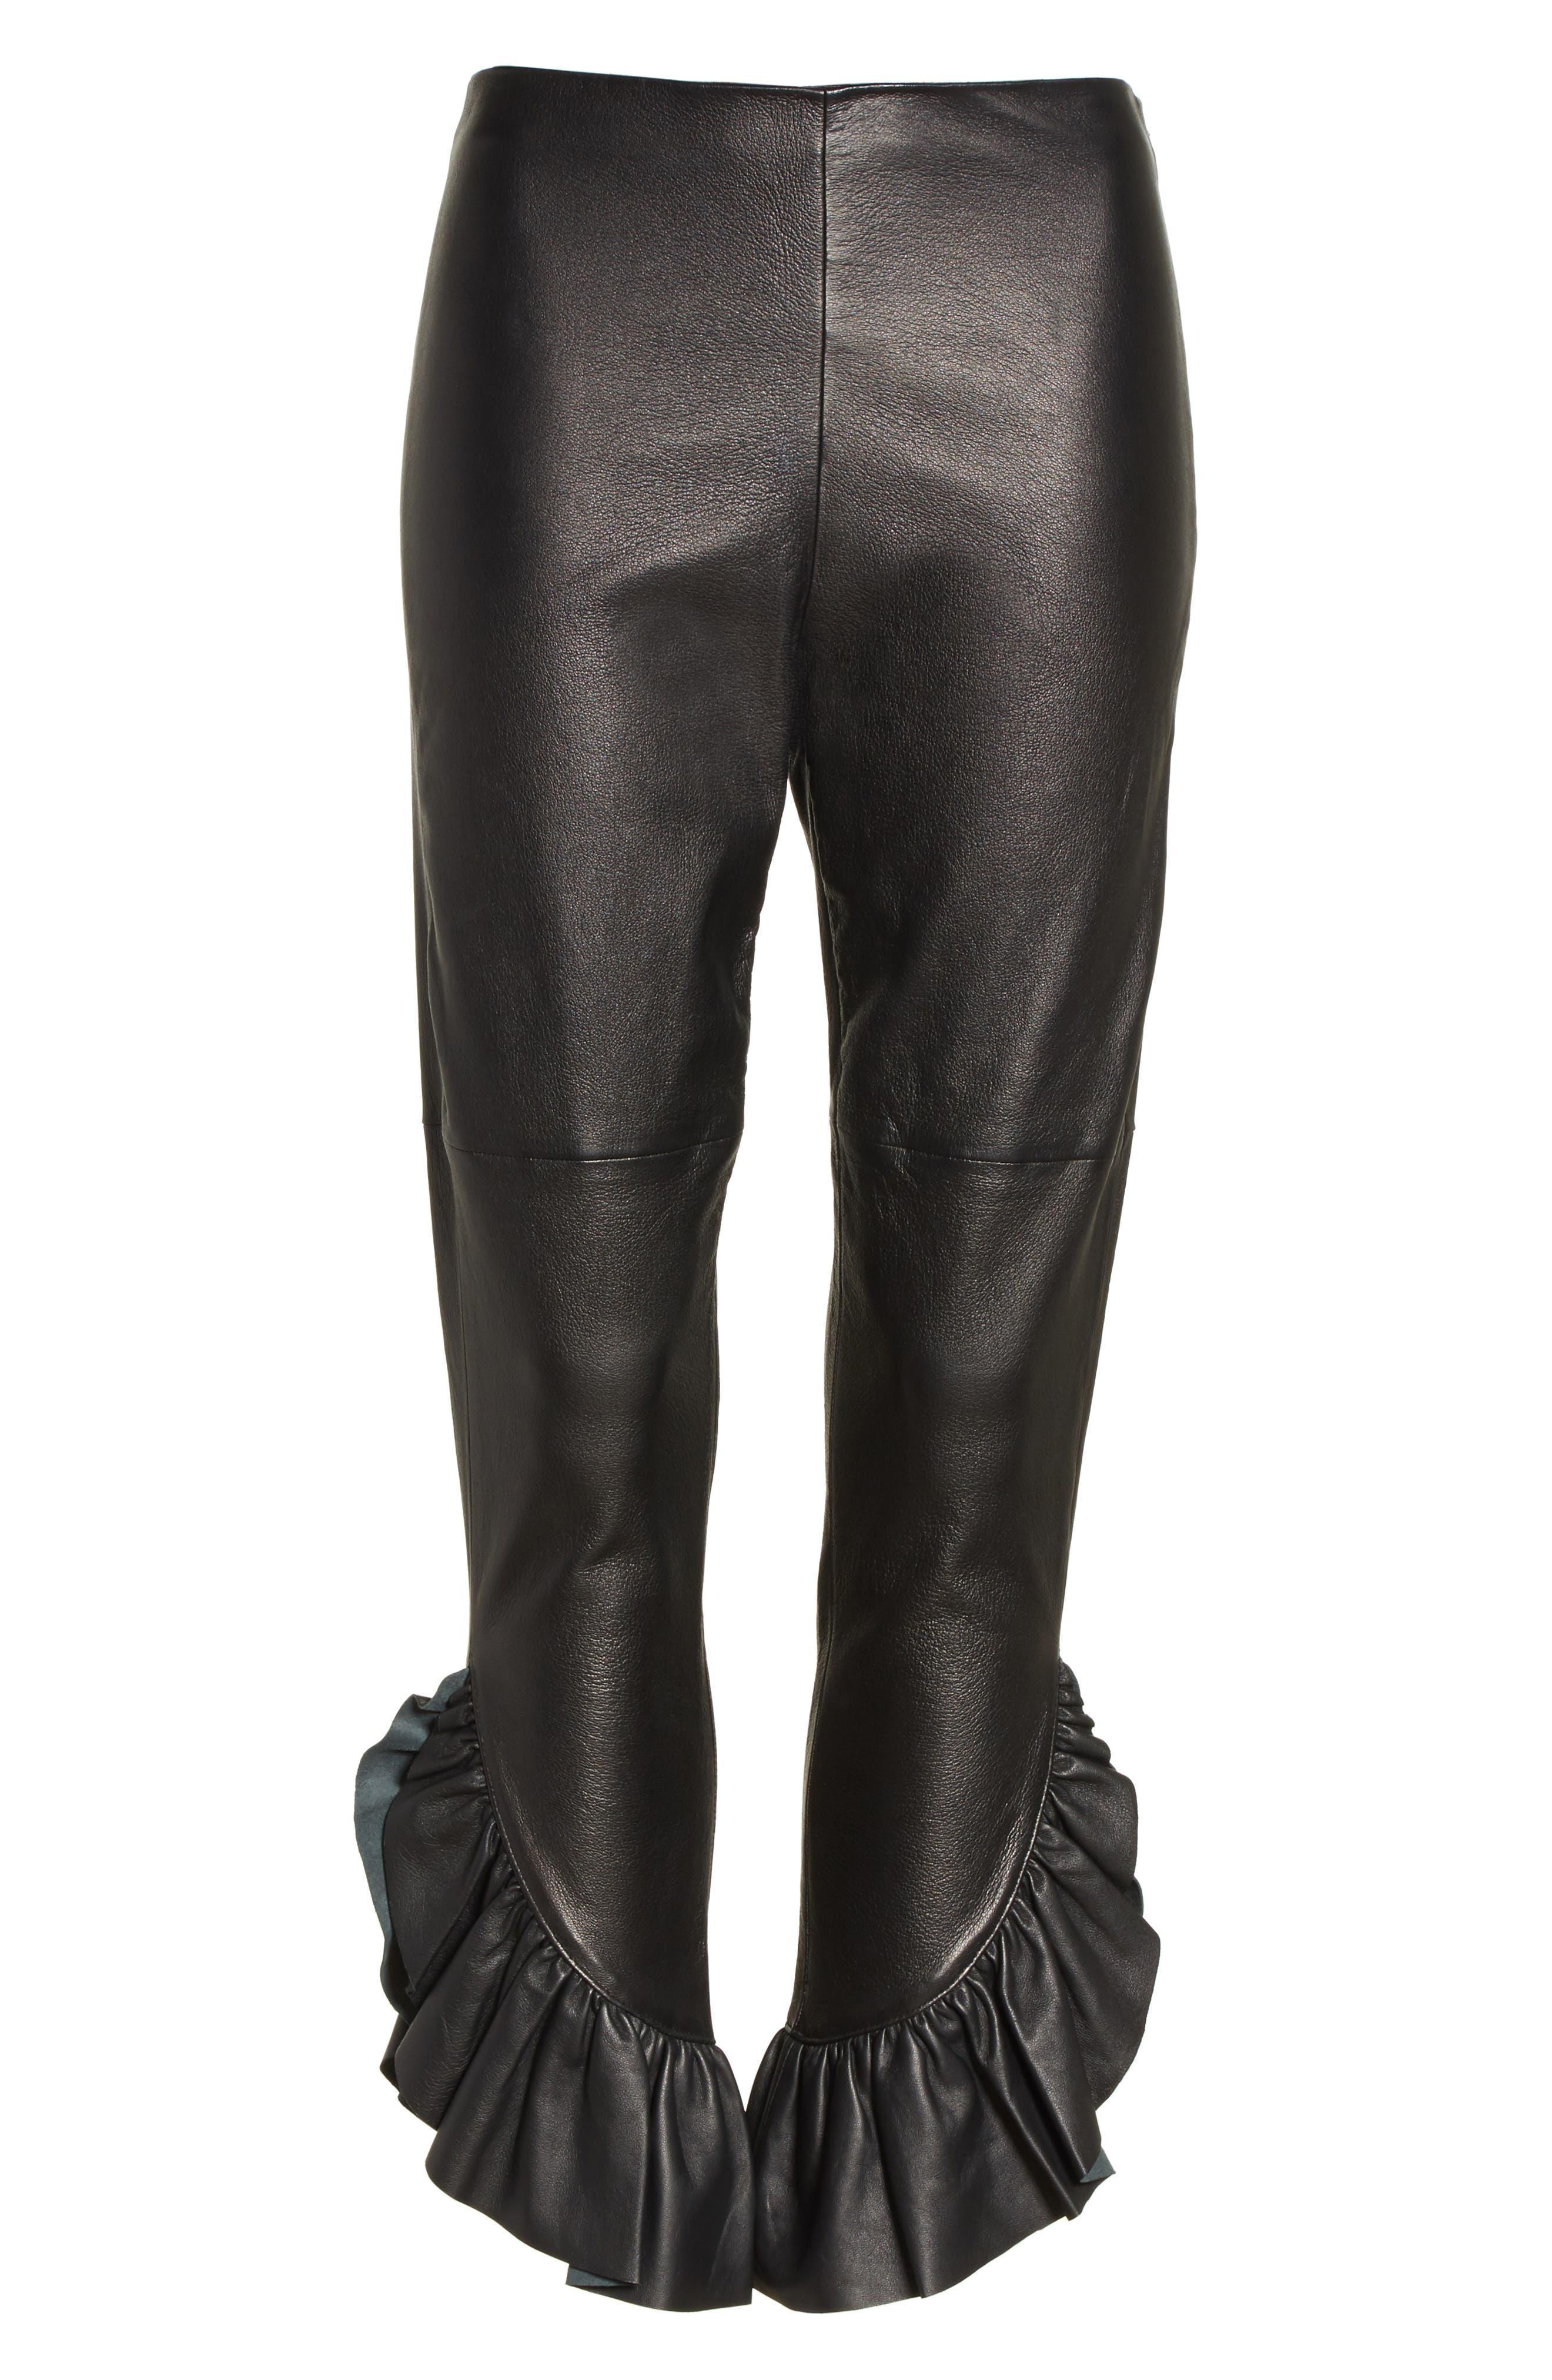 Gionata Ruffle Hem Leather Pants,                             Alternate thumbnail 6, color,                             Black